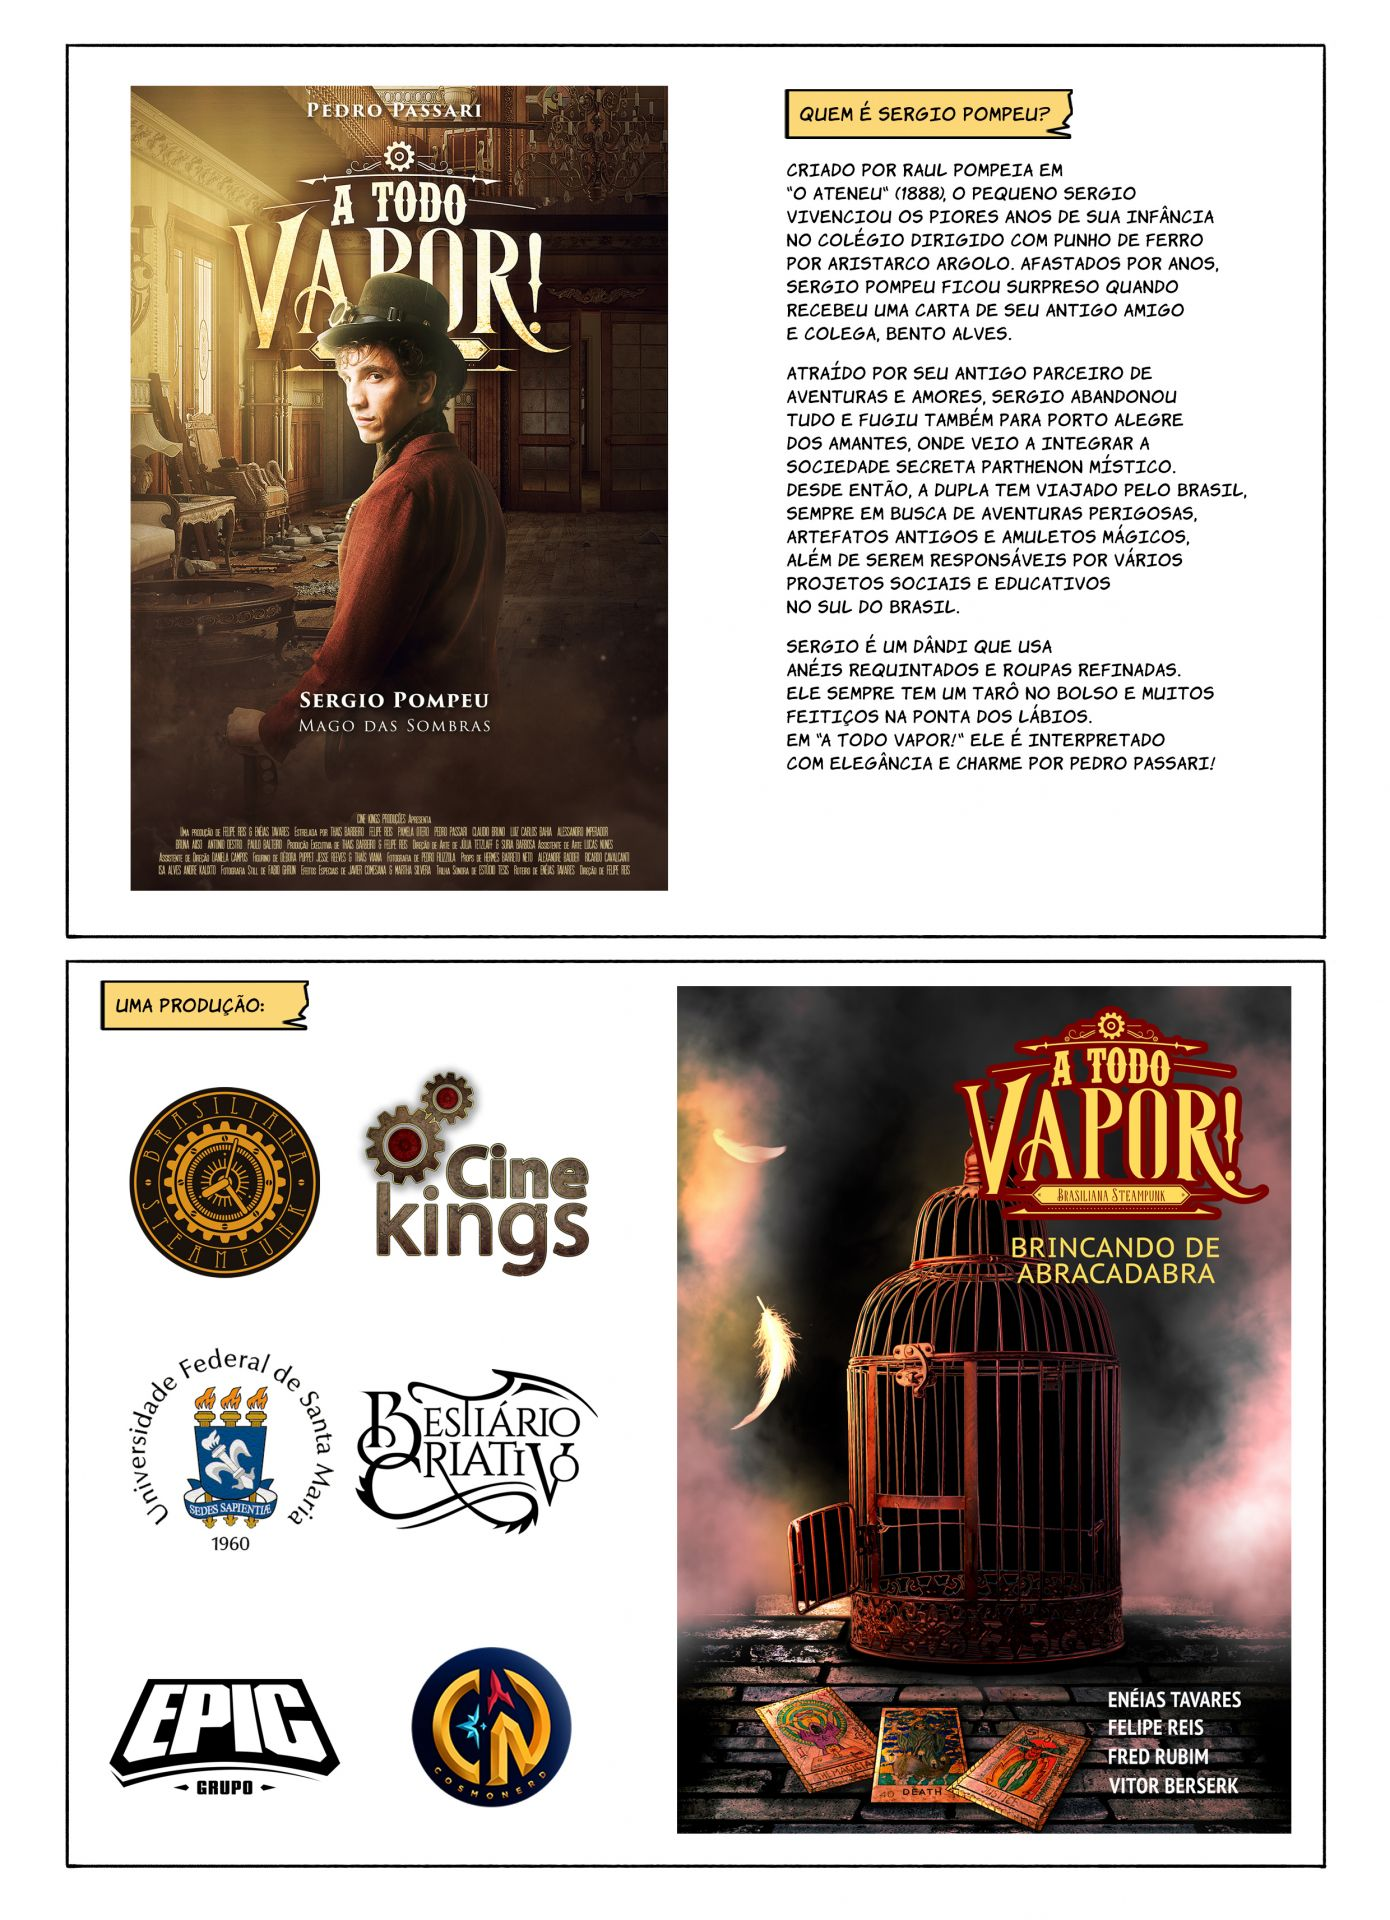 Sergio Pompeu - Extra (A Todo Vapor - Webcomics)